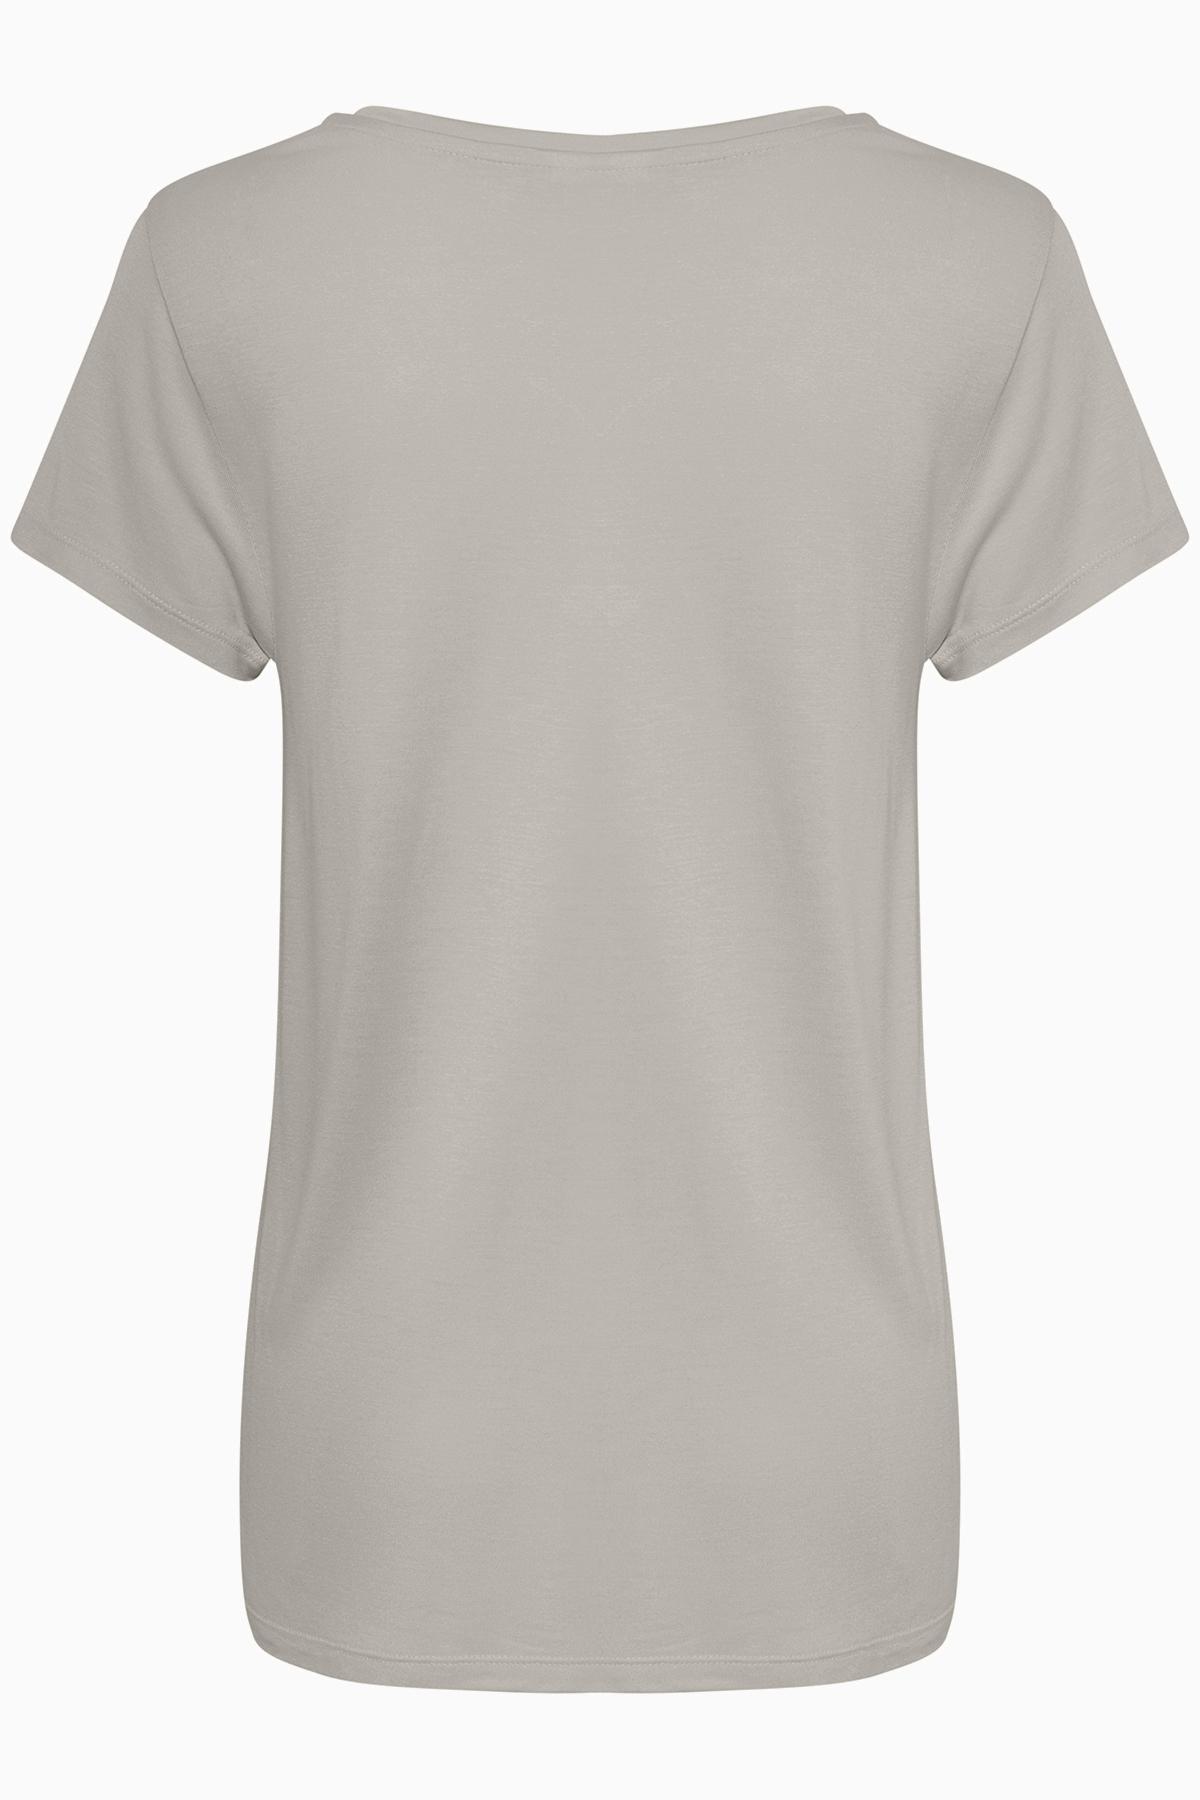 Licht grijsgemêleerd T-shirt korte mouw van Kaffe – Door Licht grijsgemêleerd T-shirt korte mouw van maat. XS-XXL hier